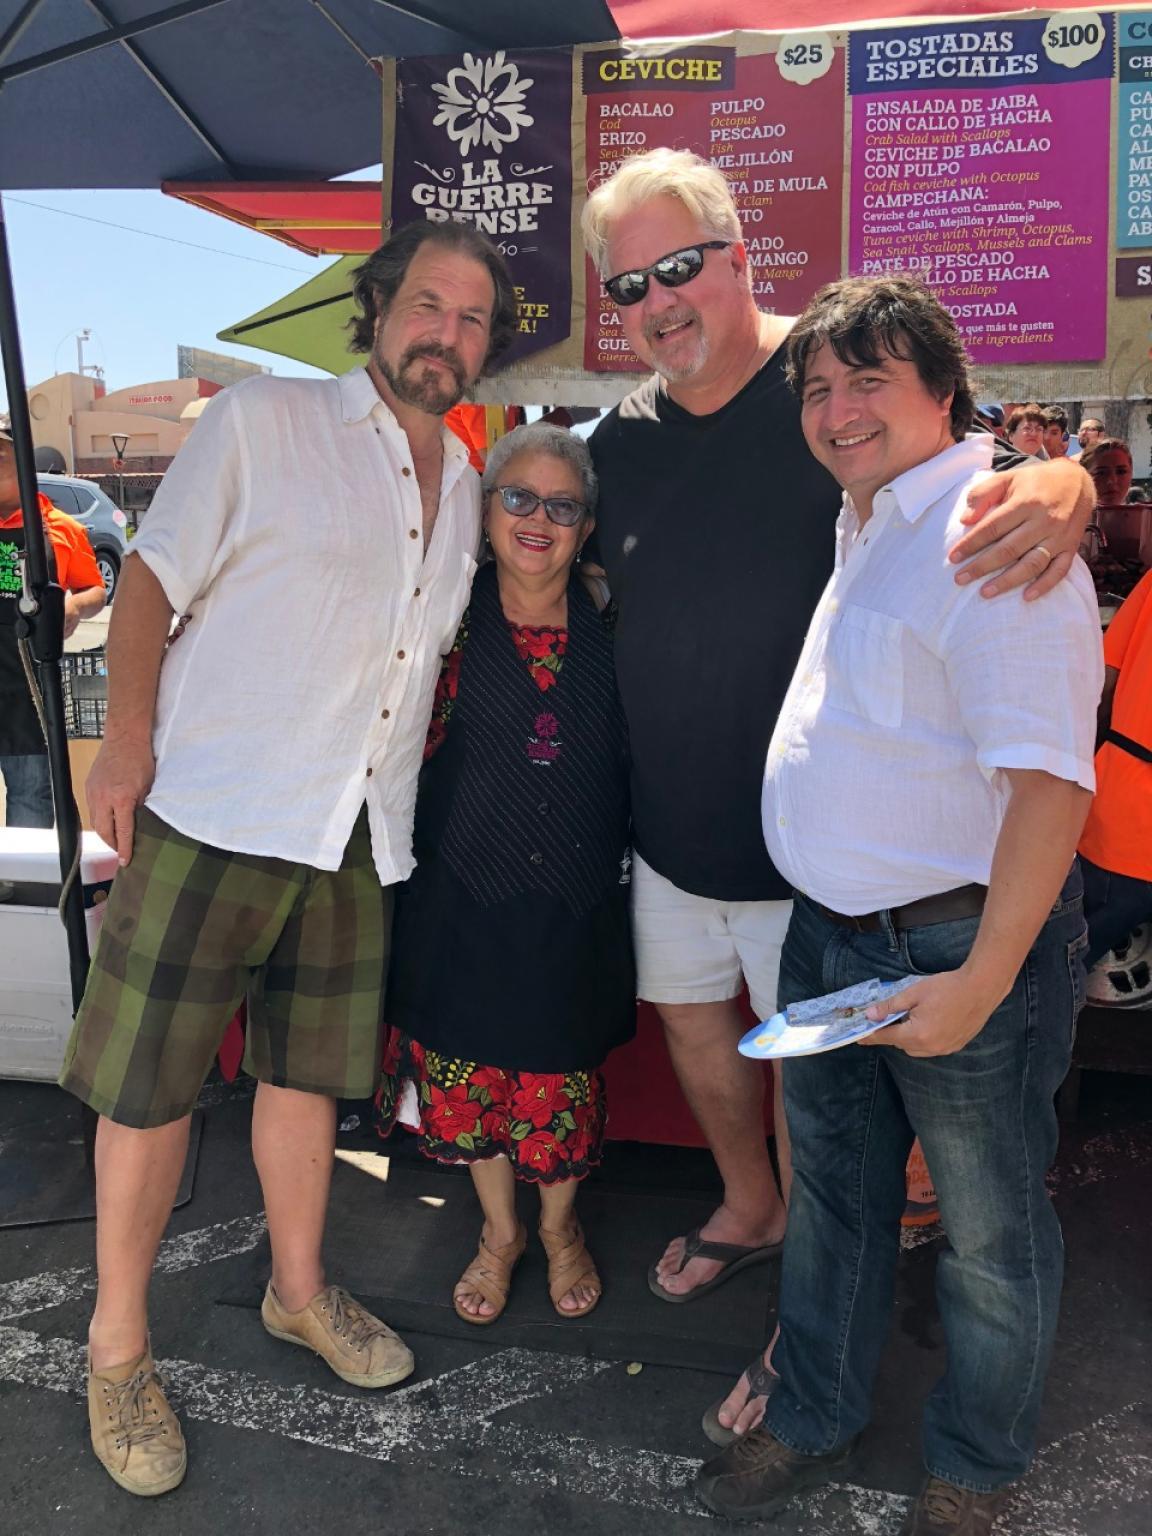 At La Guerrerense with Nicholas Gilman, Sabina Bandera and Francisco Perez. Photo: W. Scott Koenig